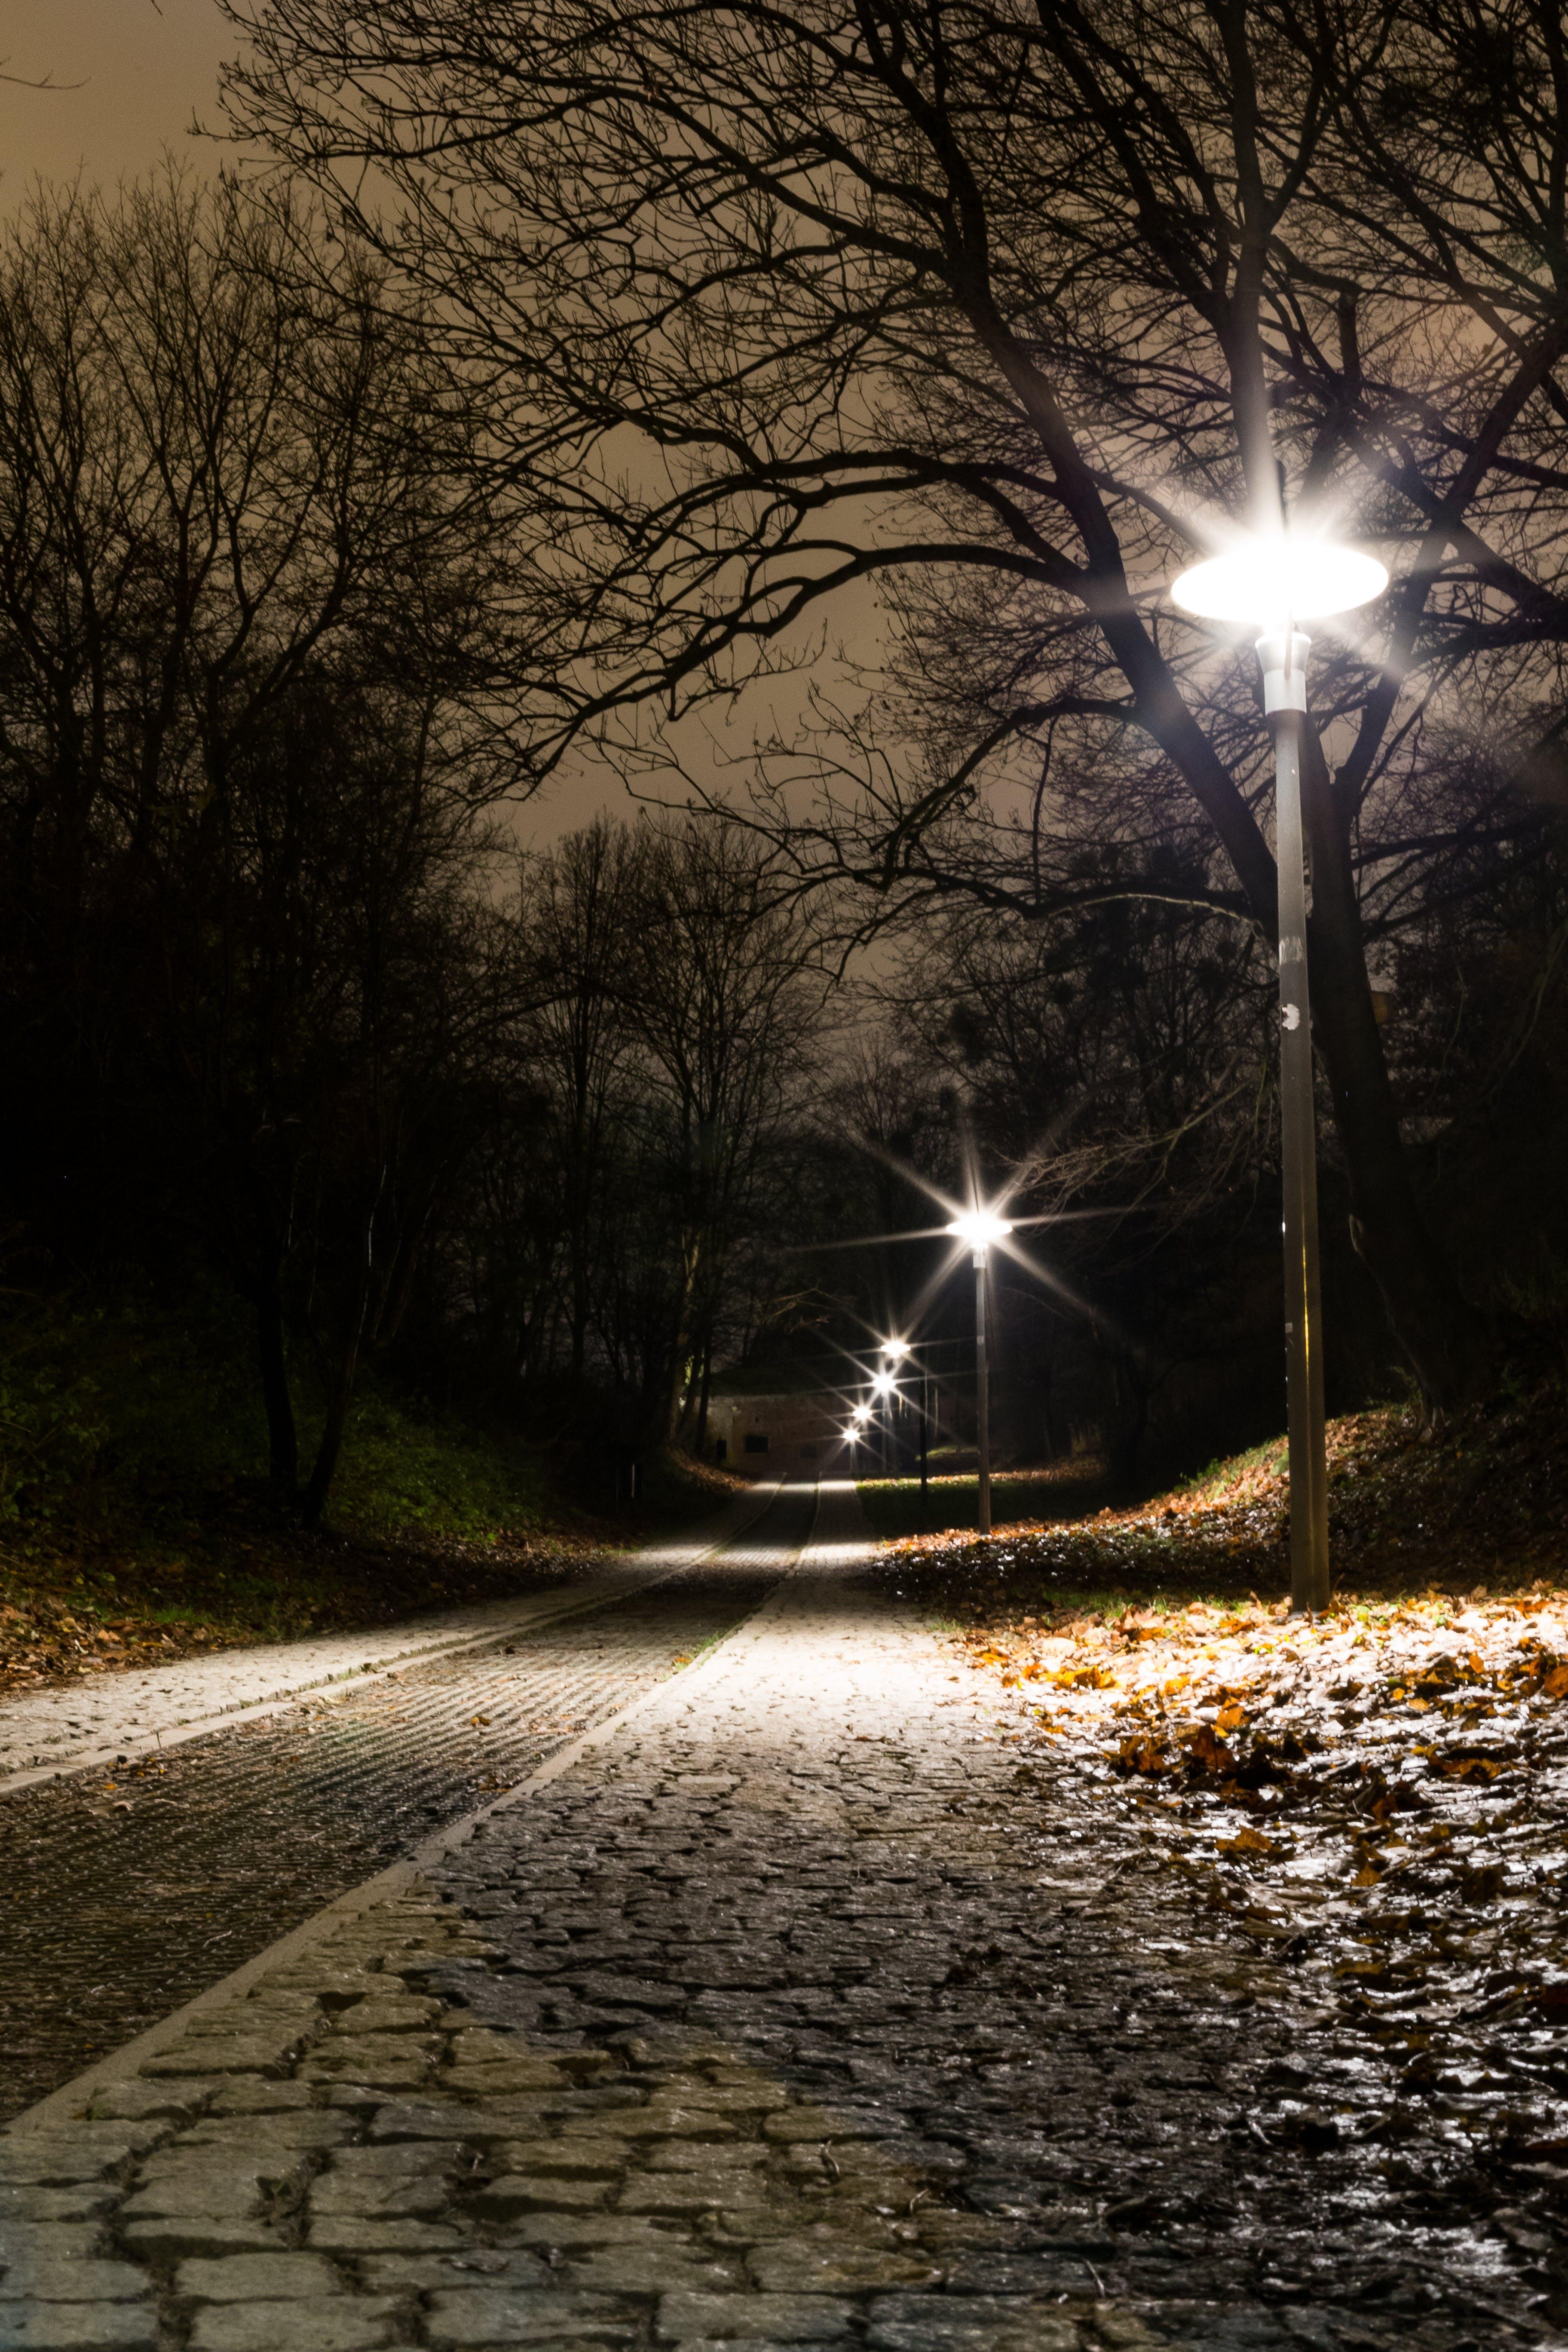 Free stock photo of autumn, forts, lantern, lanterns